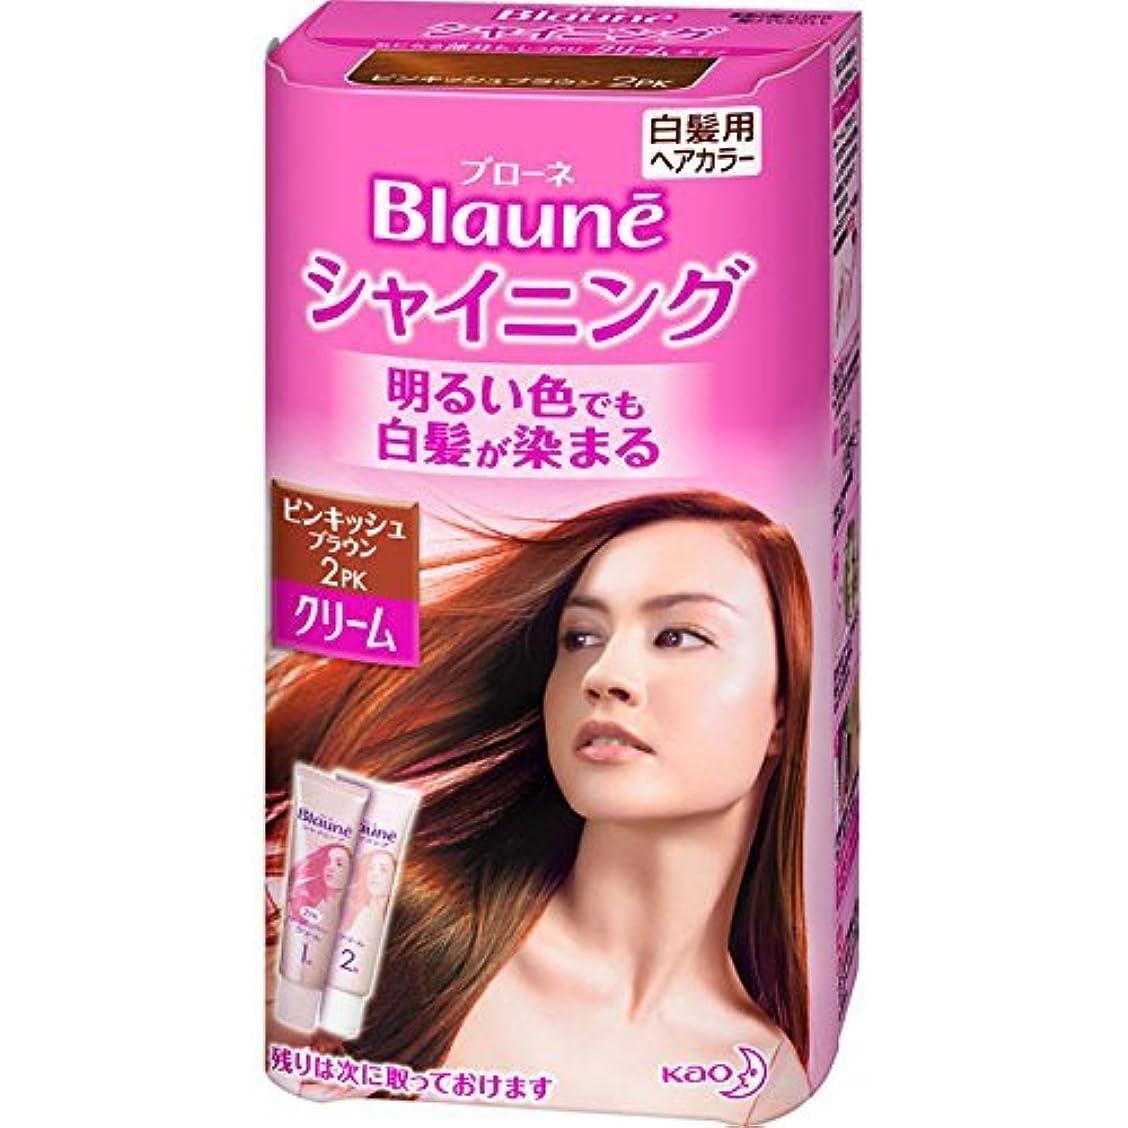 花王 ブローネ シャイニングヘアカラー クリーム 2PK 1剤50g/2剤50g(医薬部外品)《各50g》